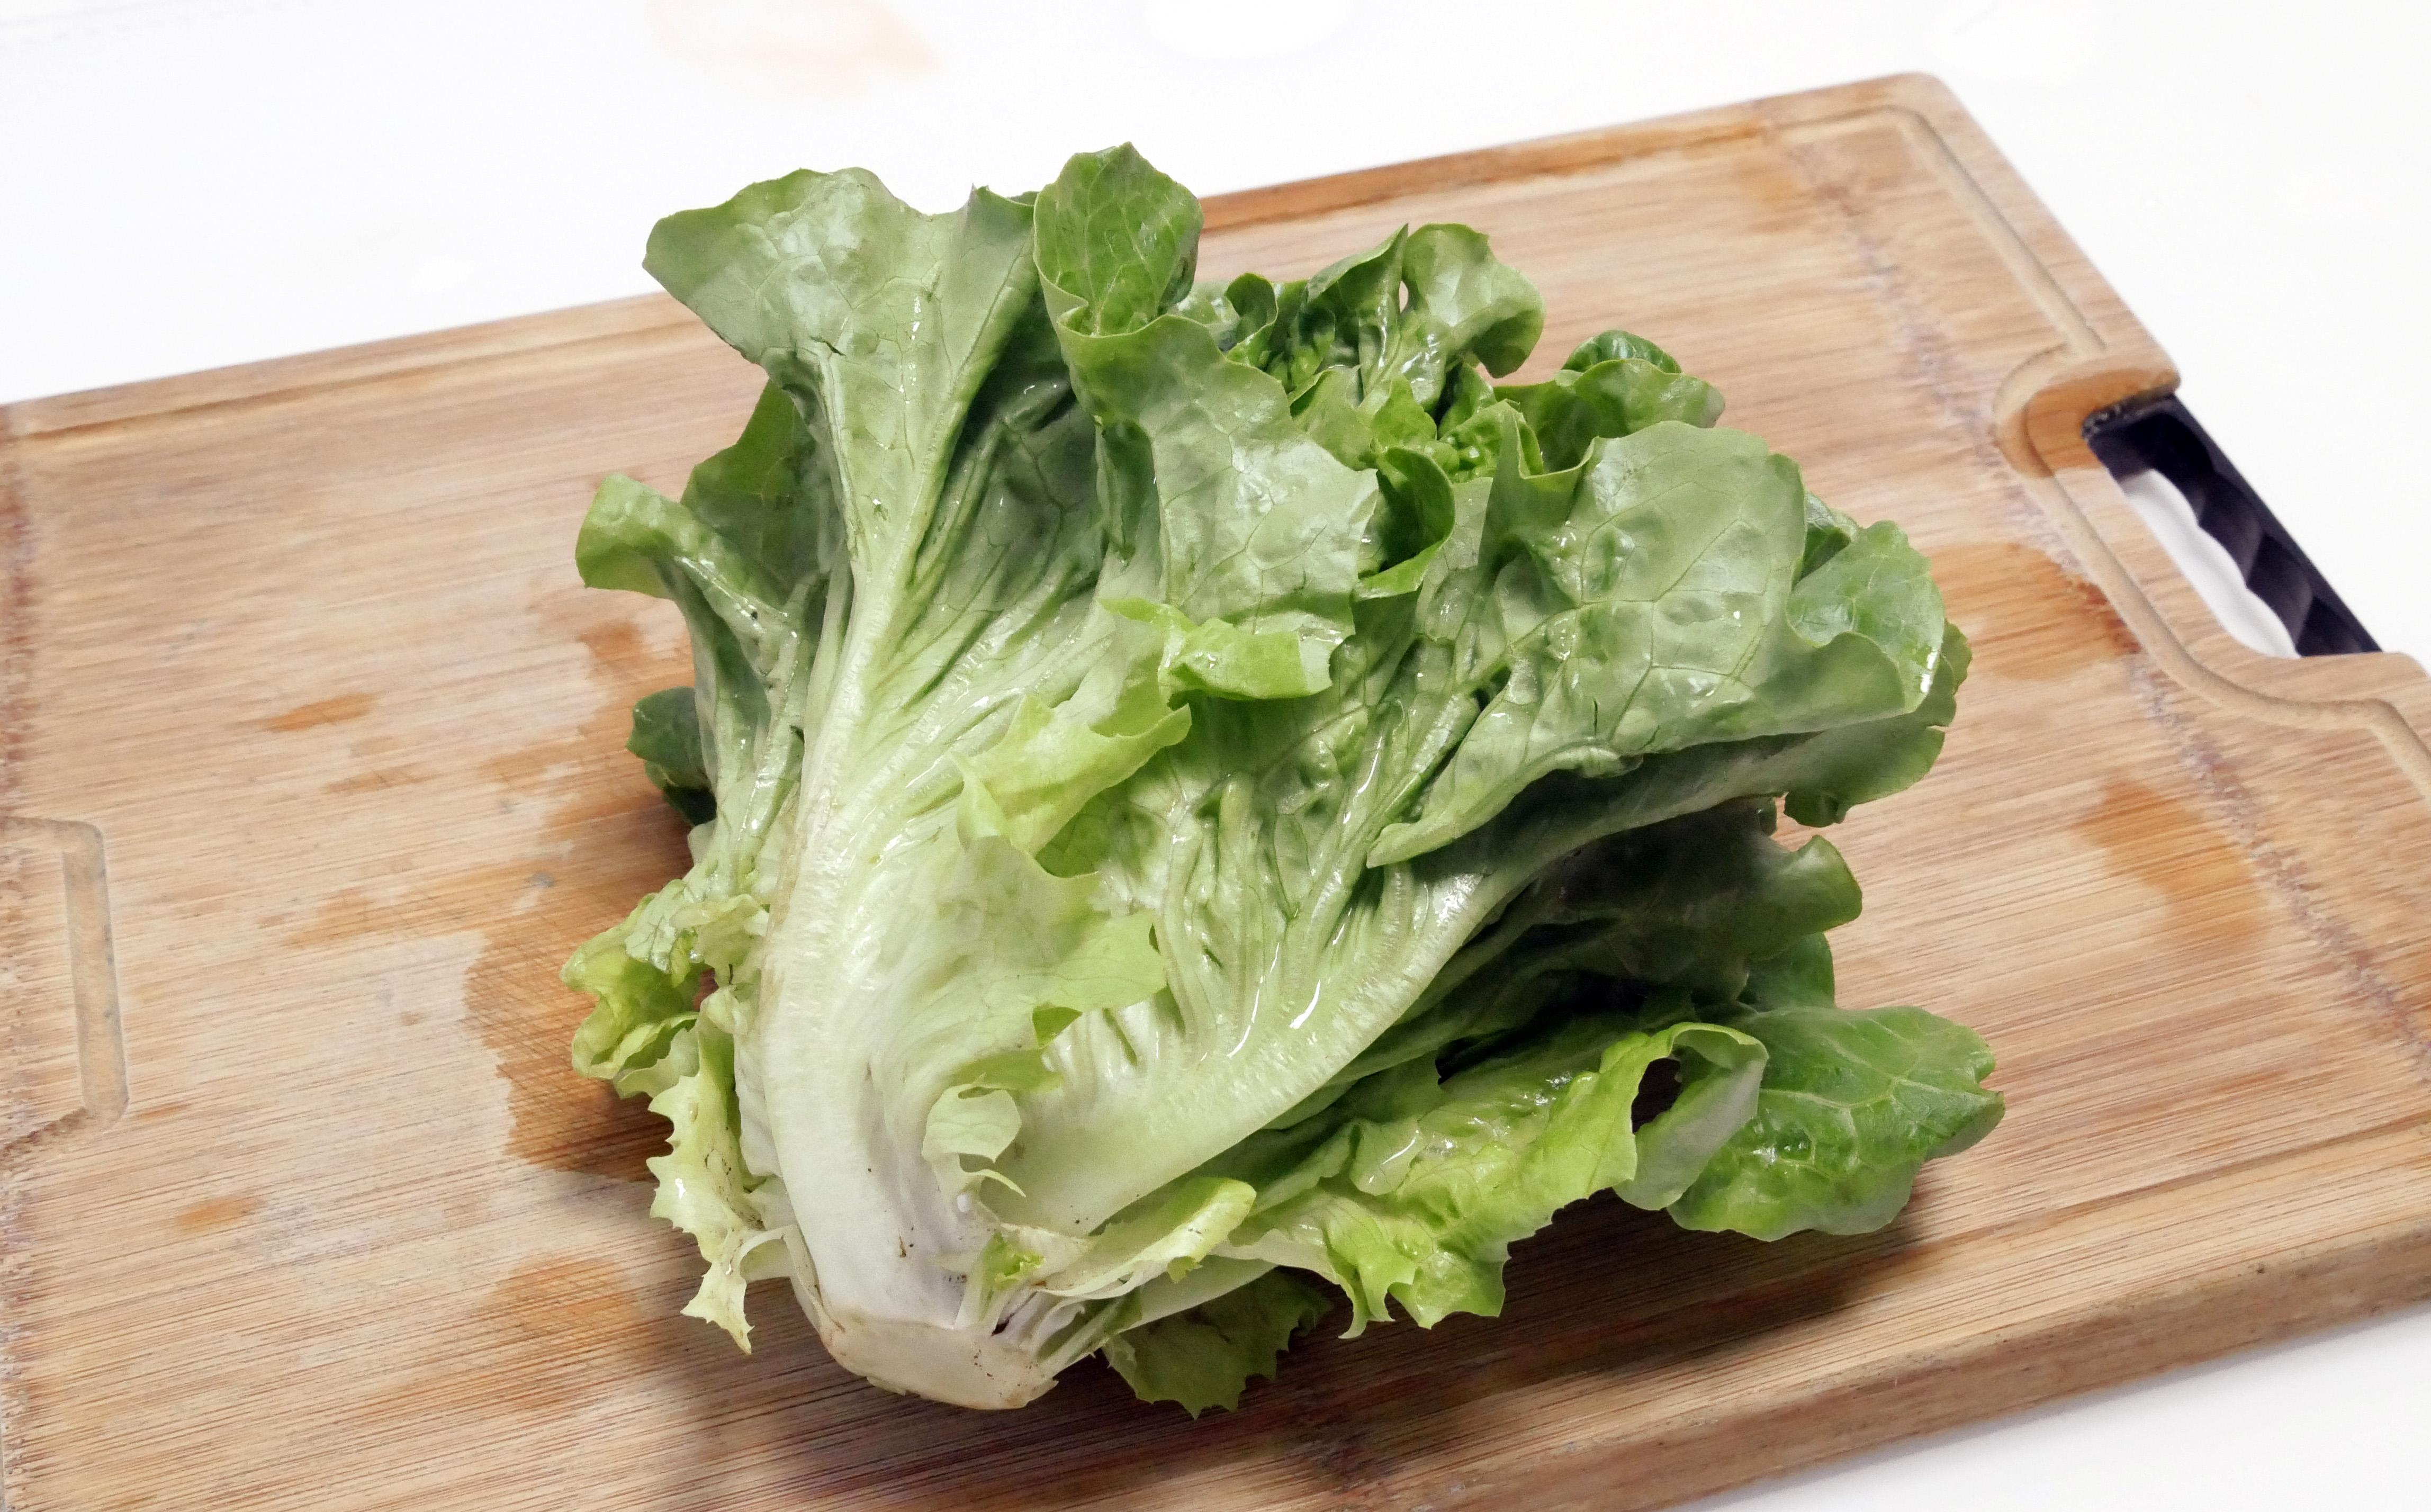 生菜最营养的吃法,做法简单又美味,还能提高人体免疫力